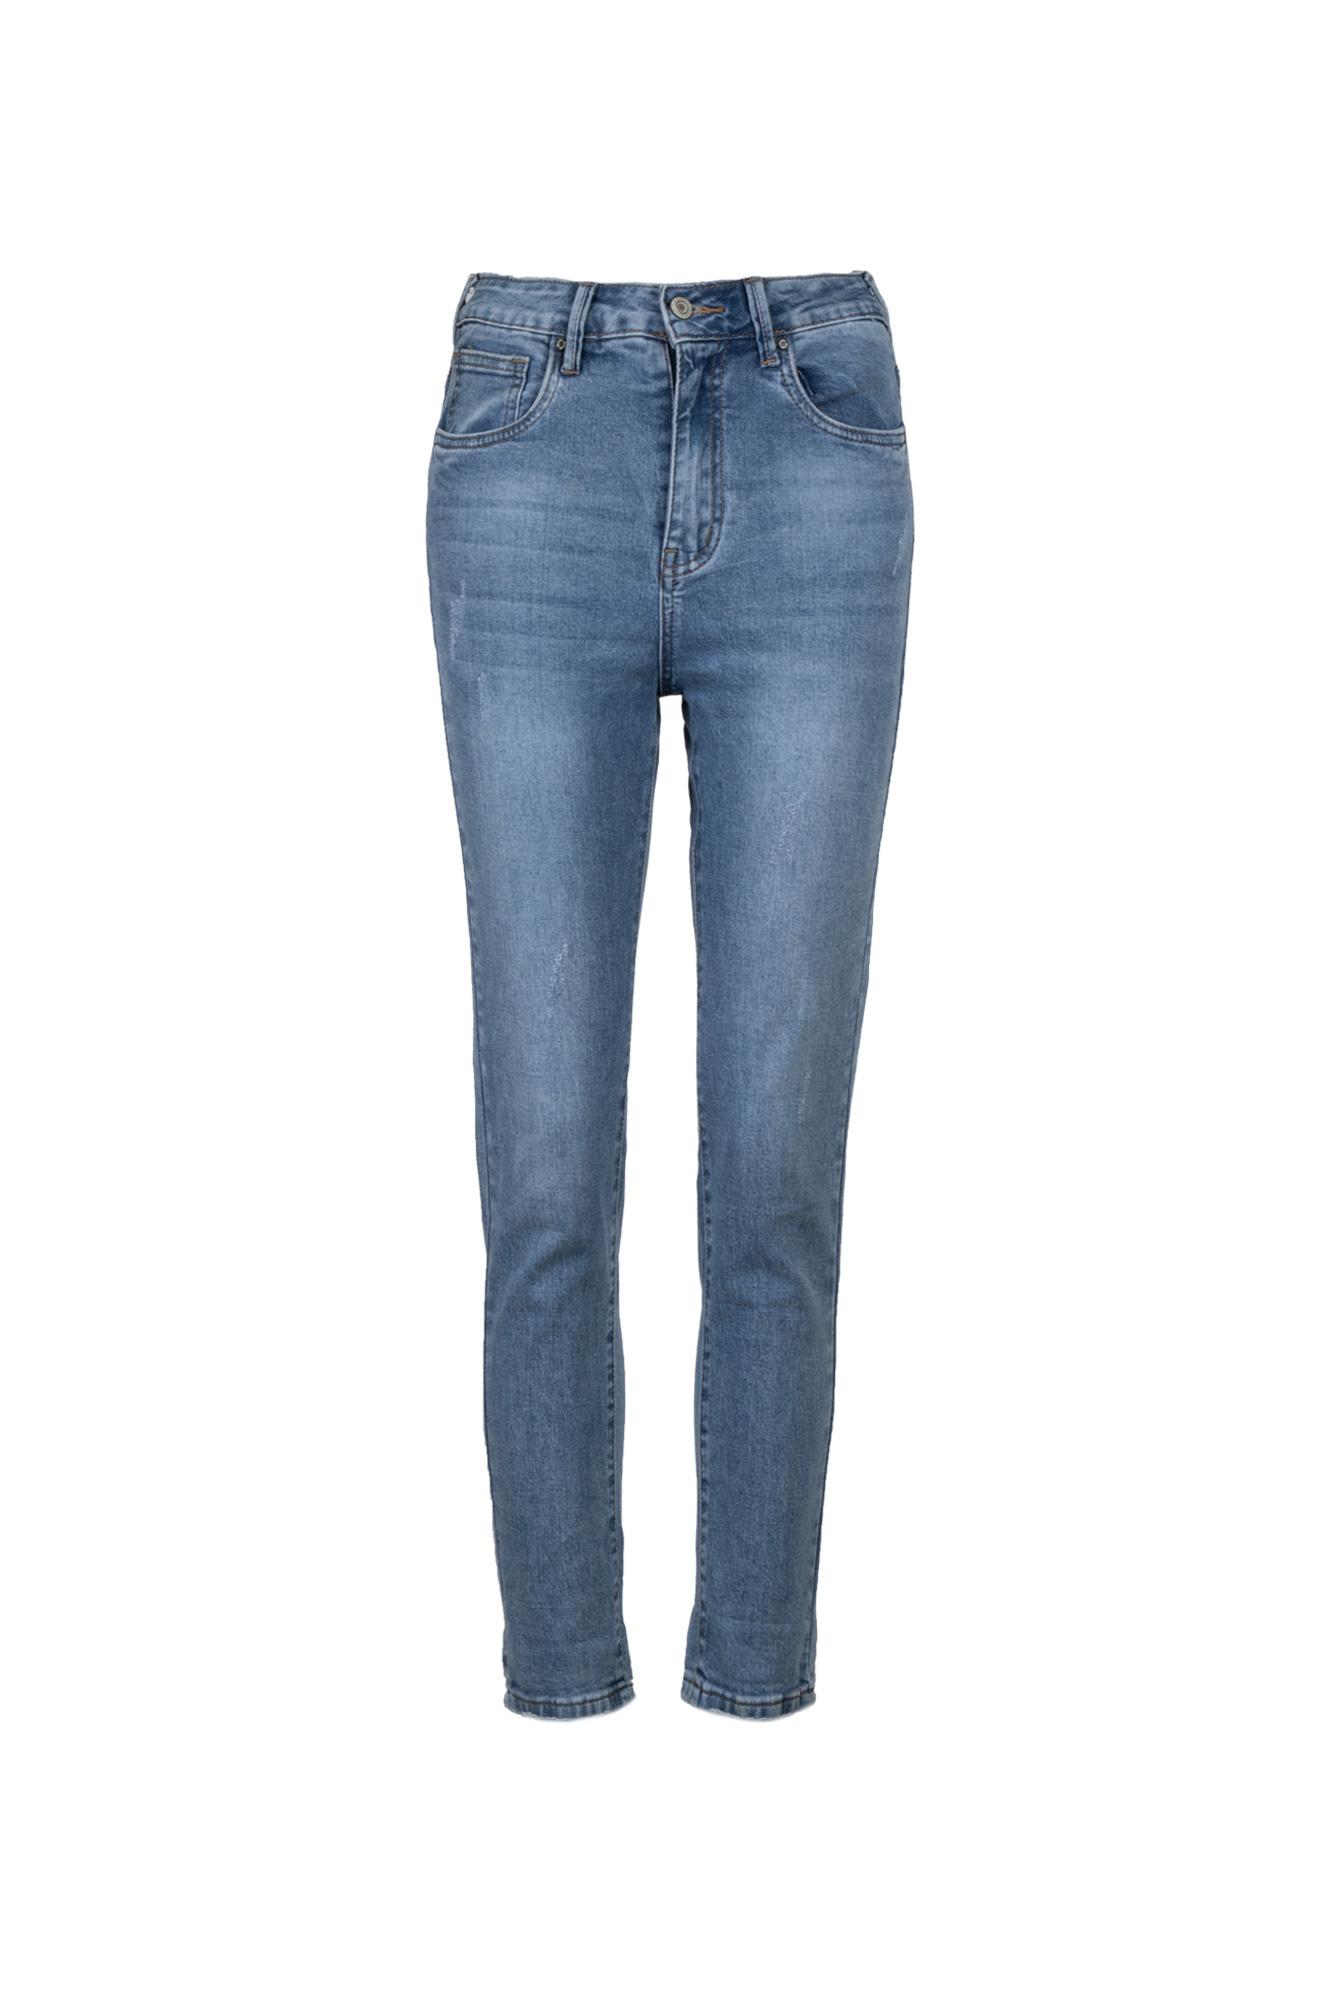 Denim jeans Pearl